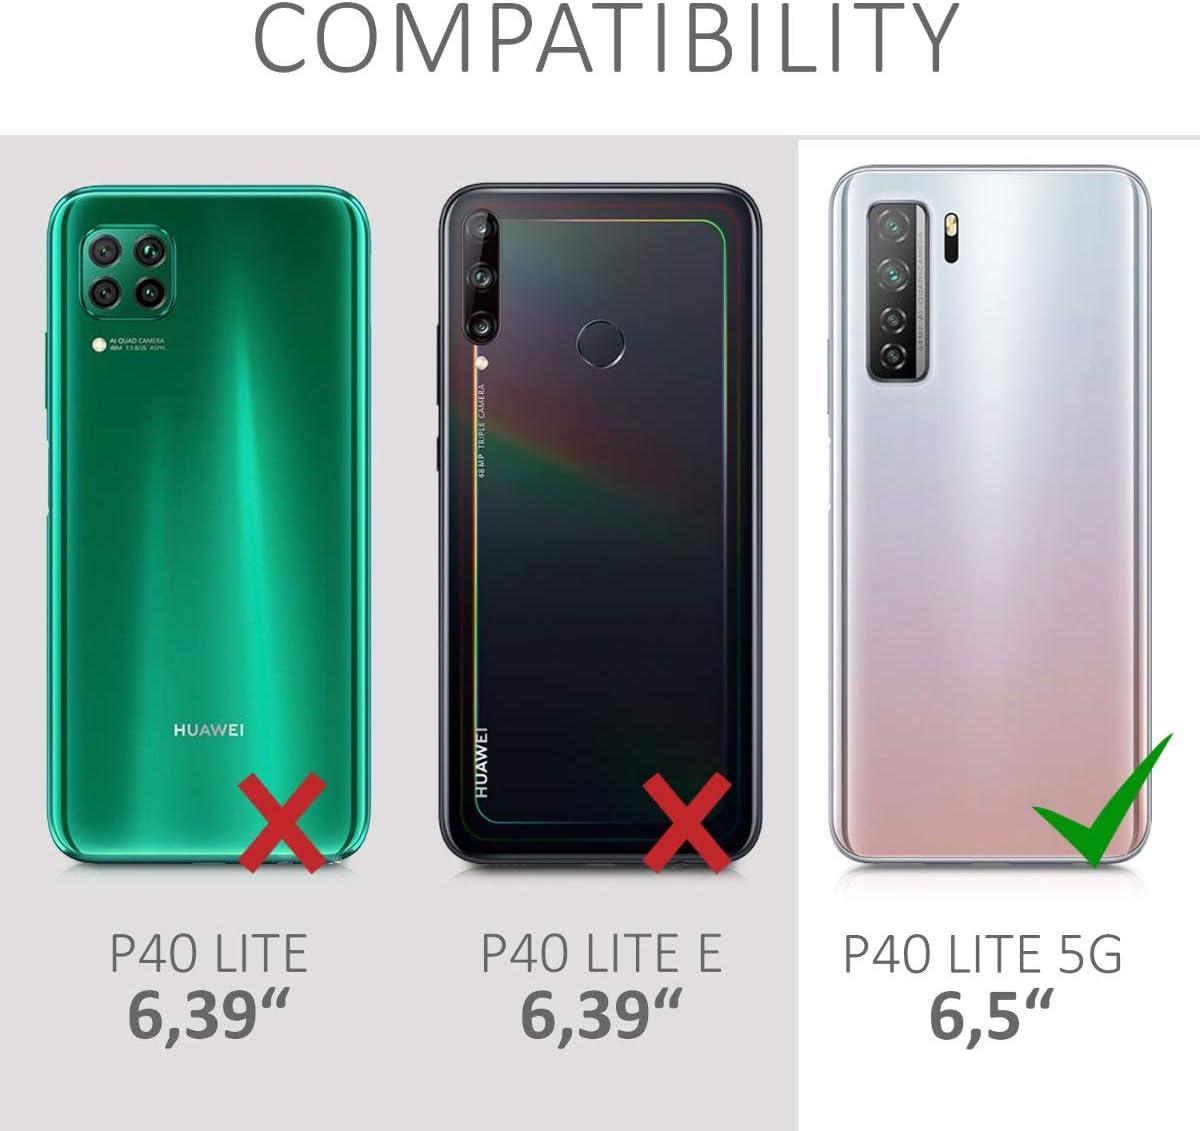 Carcasa de TPU Silicona Protector Trasero en Negro Mate kwmobile Funda Compatible con Huawei P40 Lite 5G